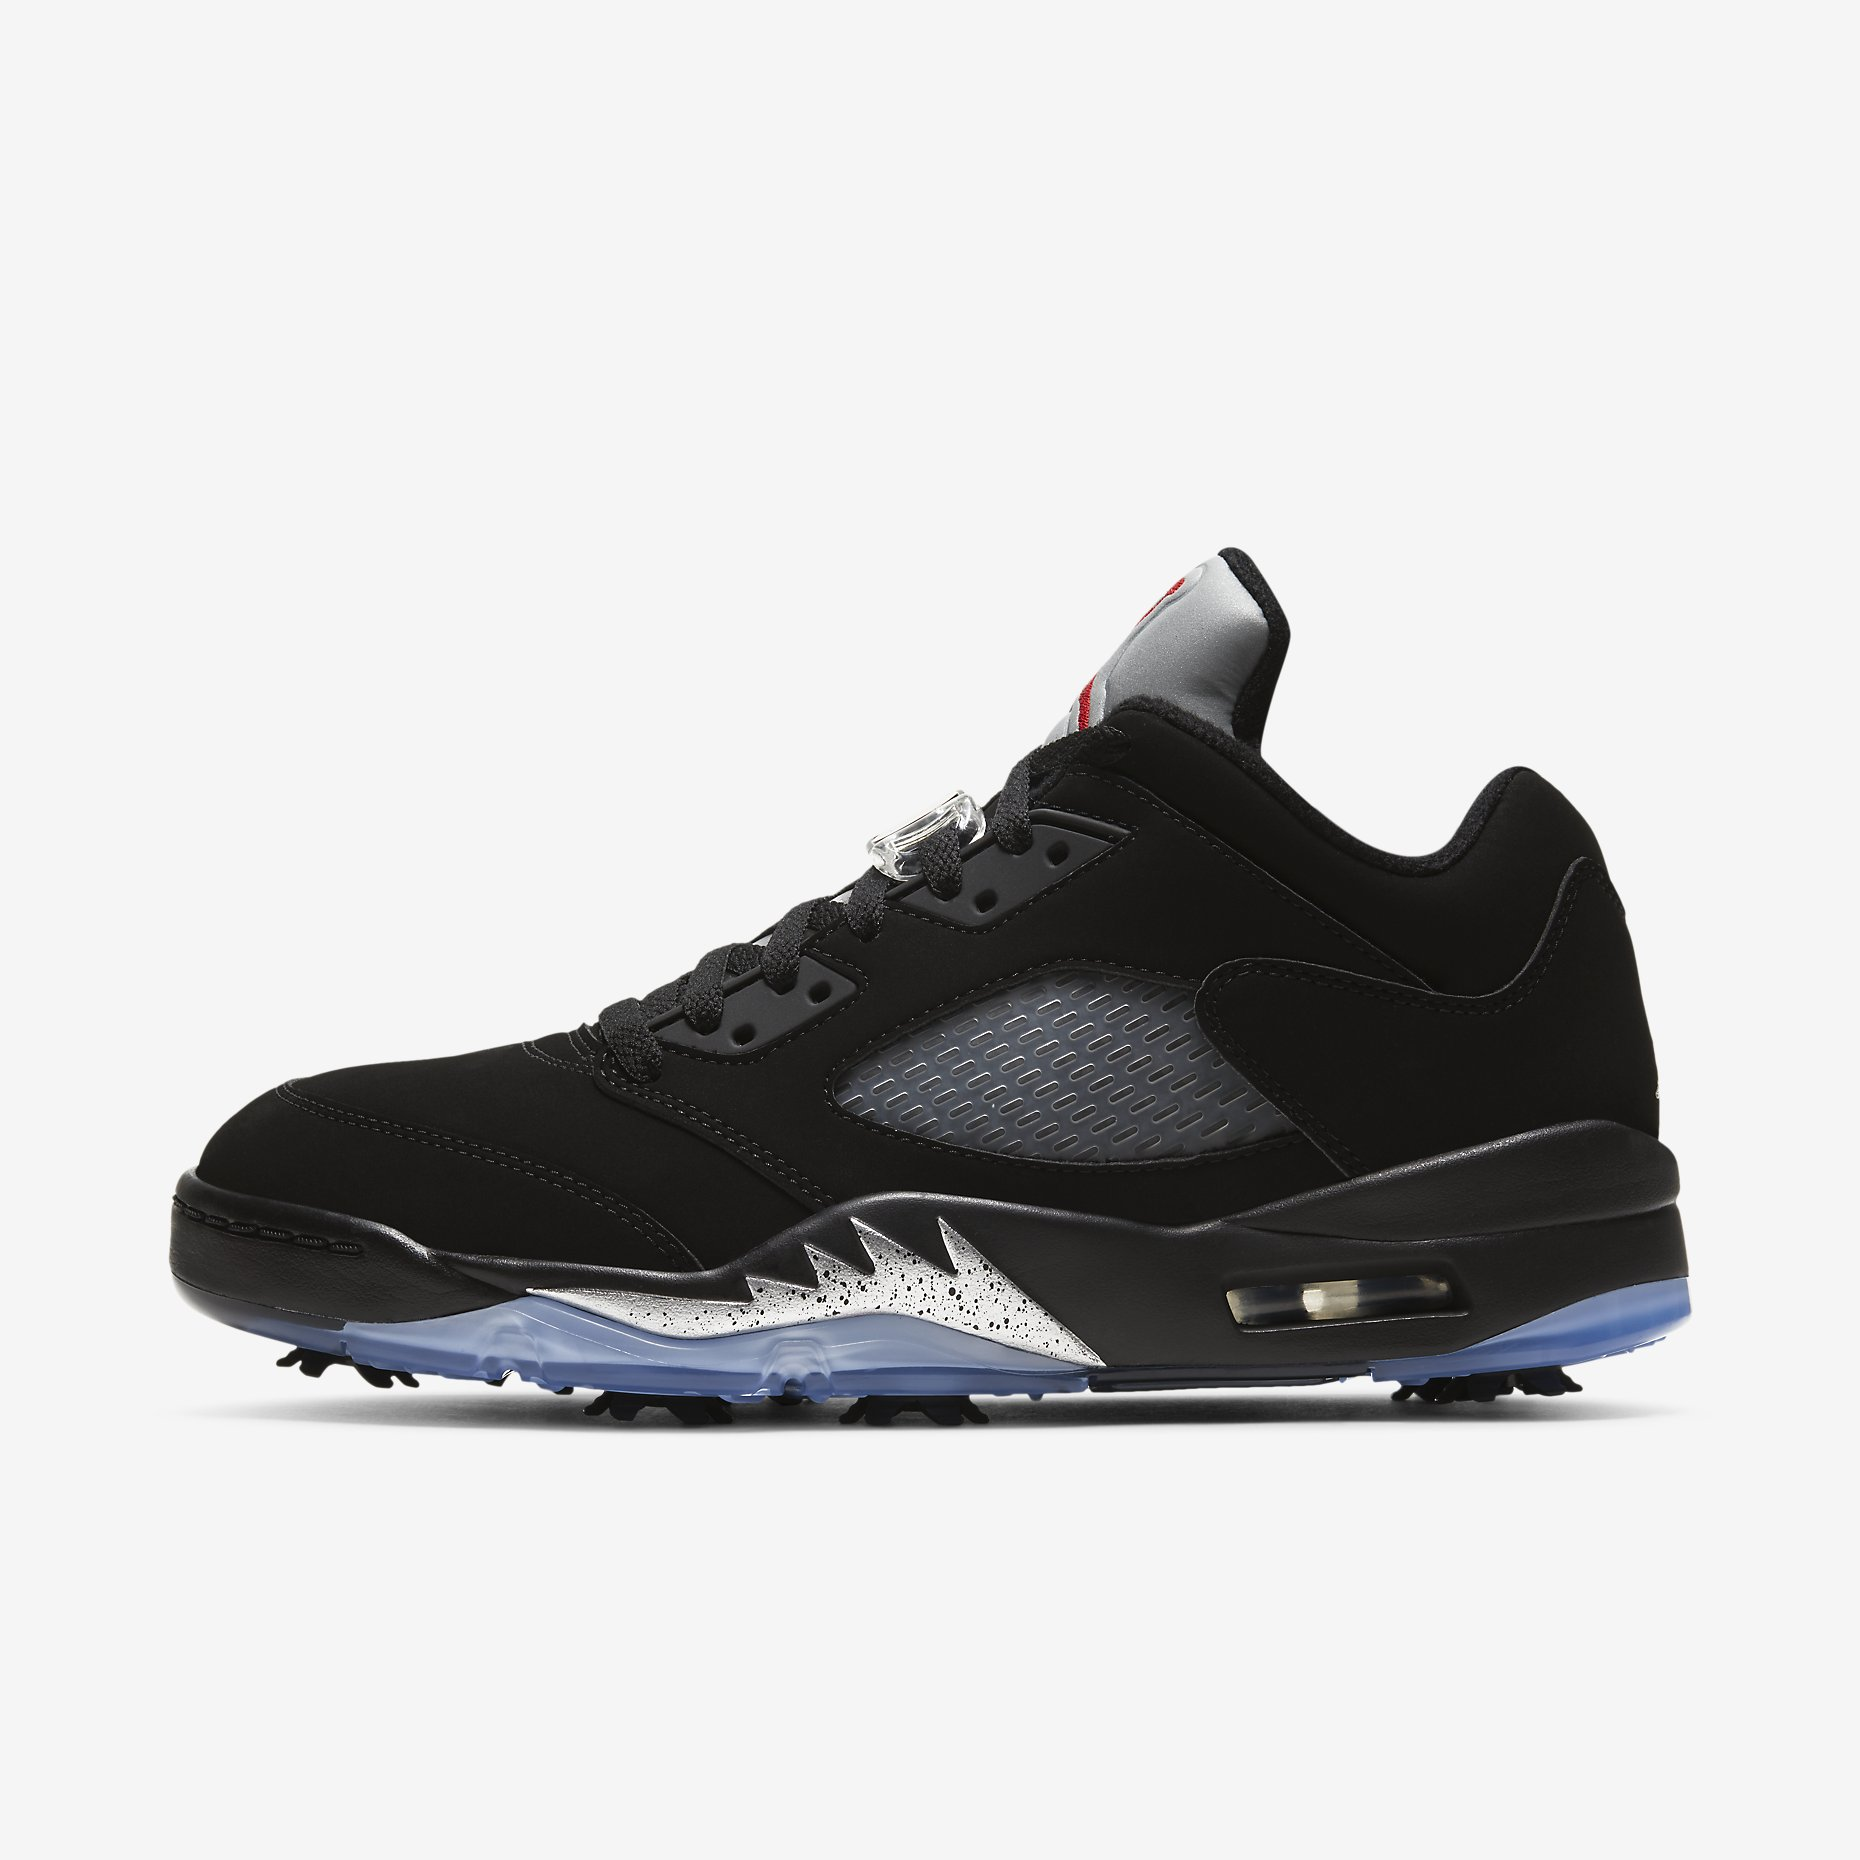 Golf's Air Jordan 5 Low 'Black/Metallic Silver'